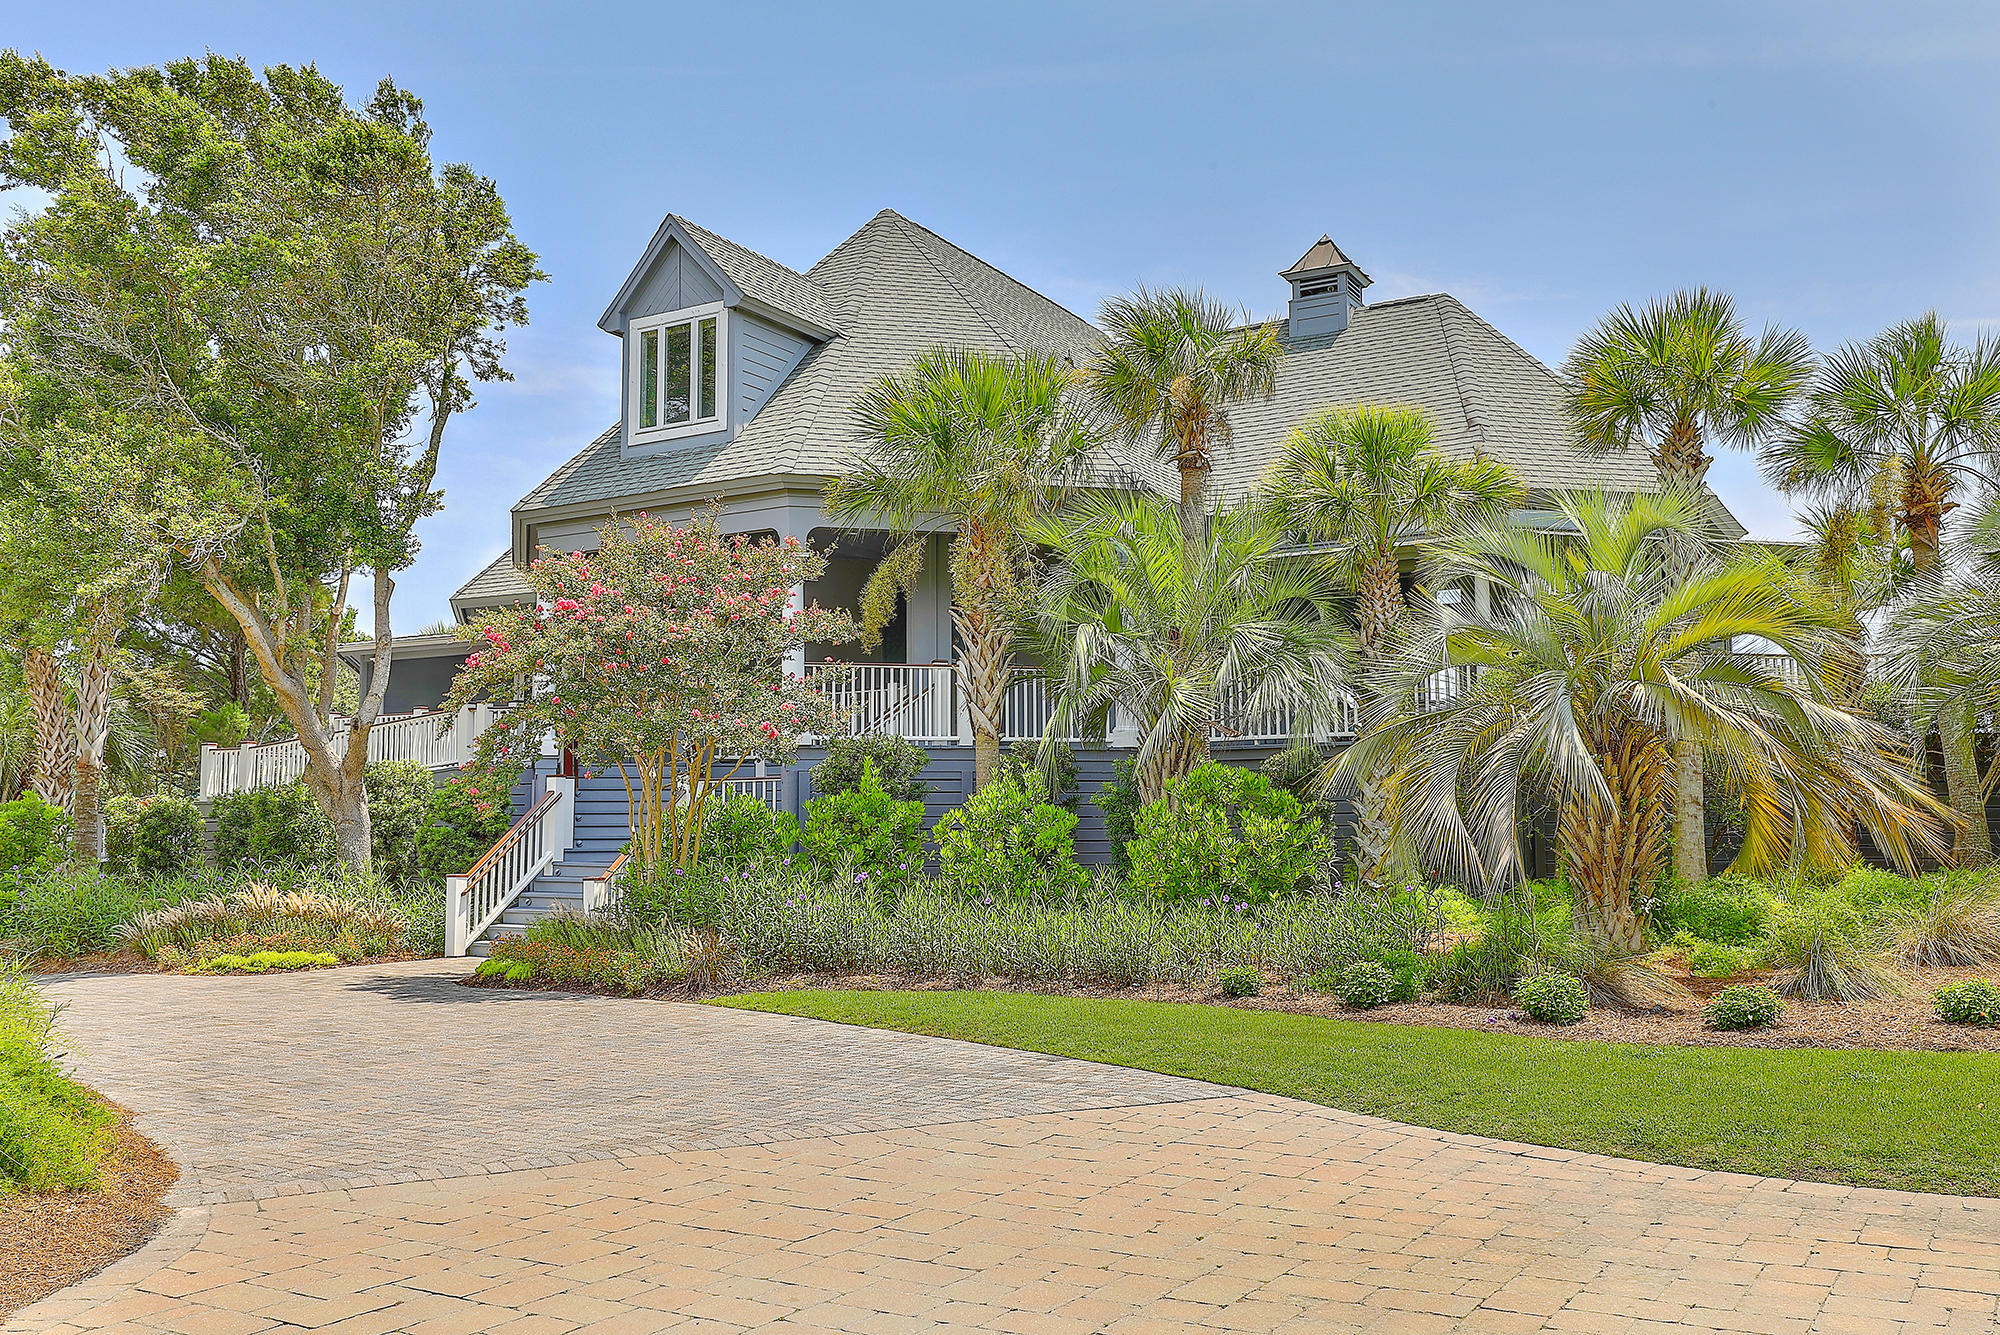 Beach Club Villas Homes For Sale - 15 Beach Club Villas, Isle of Palms, SC - 11